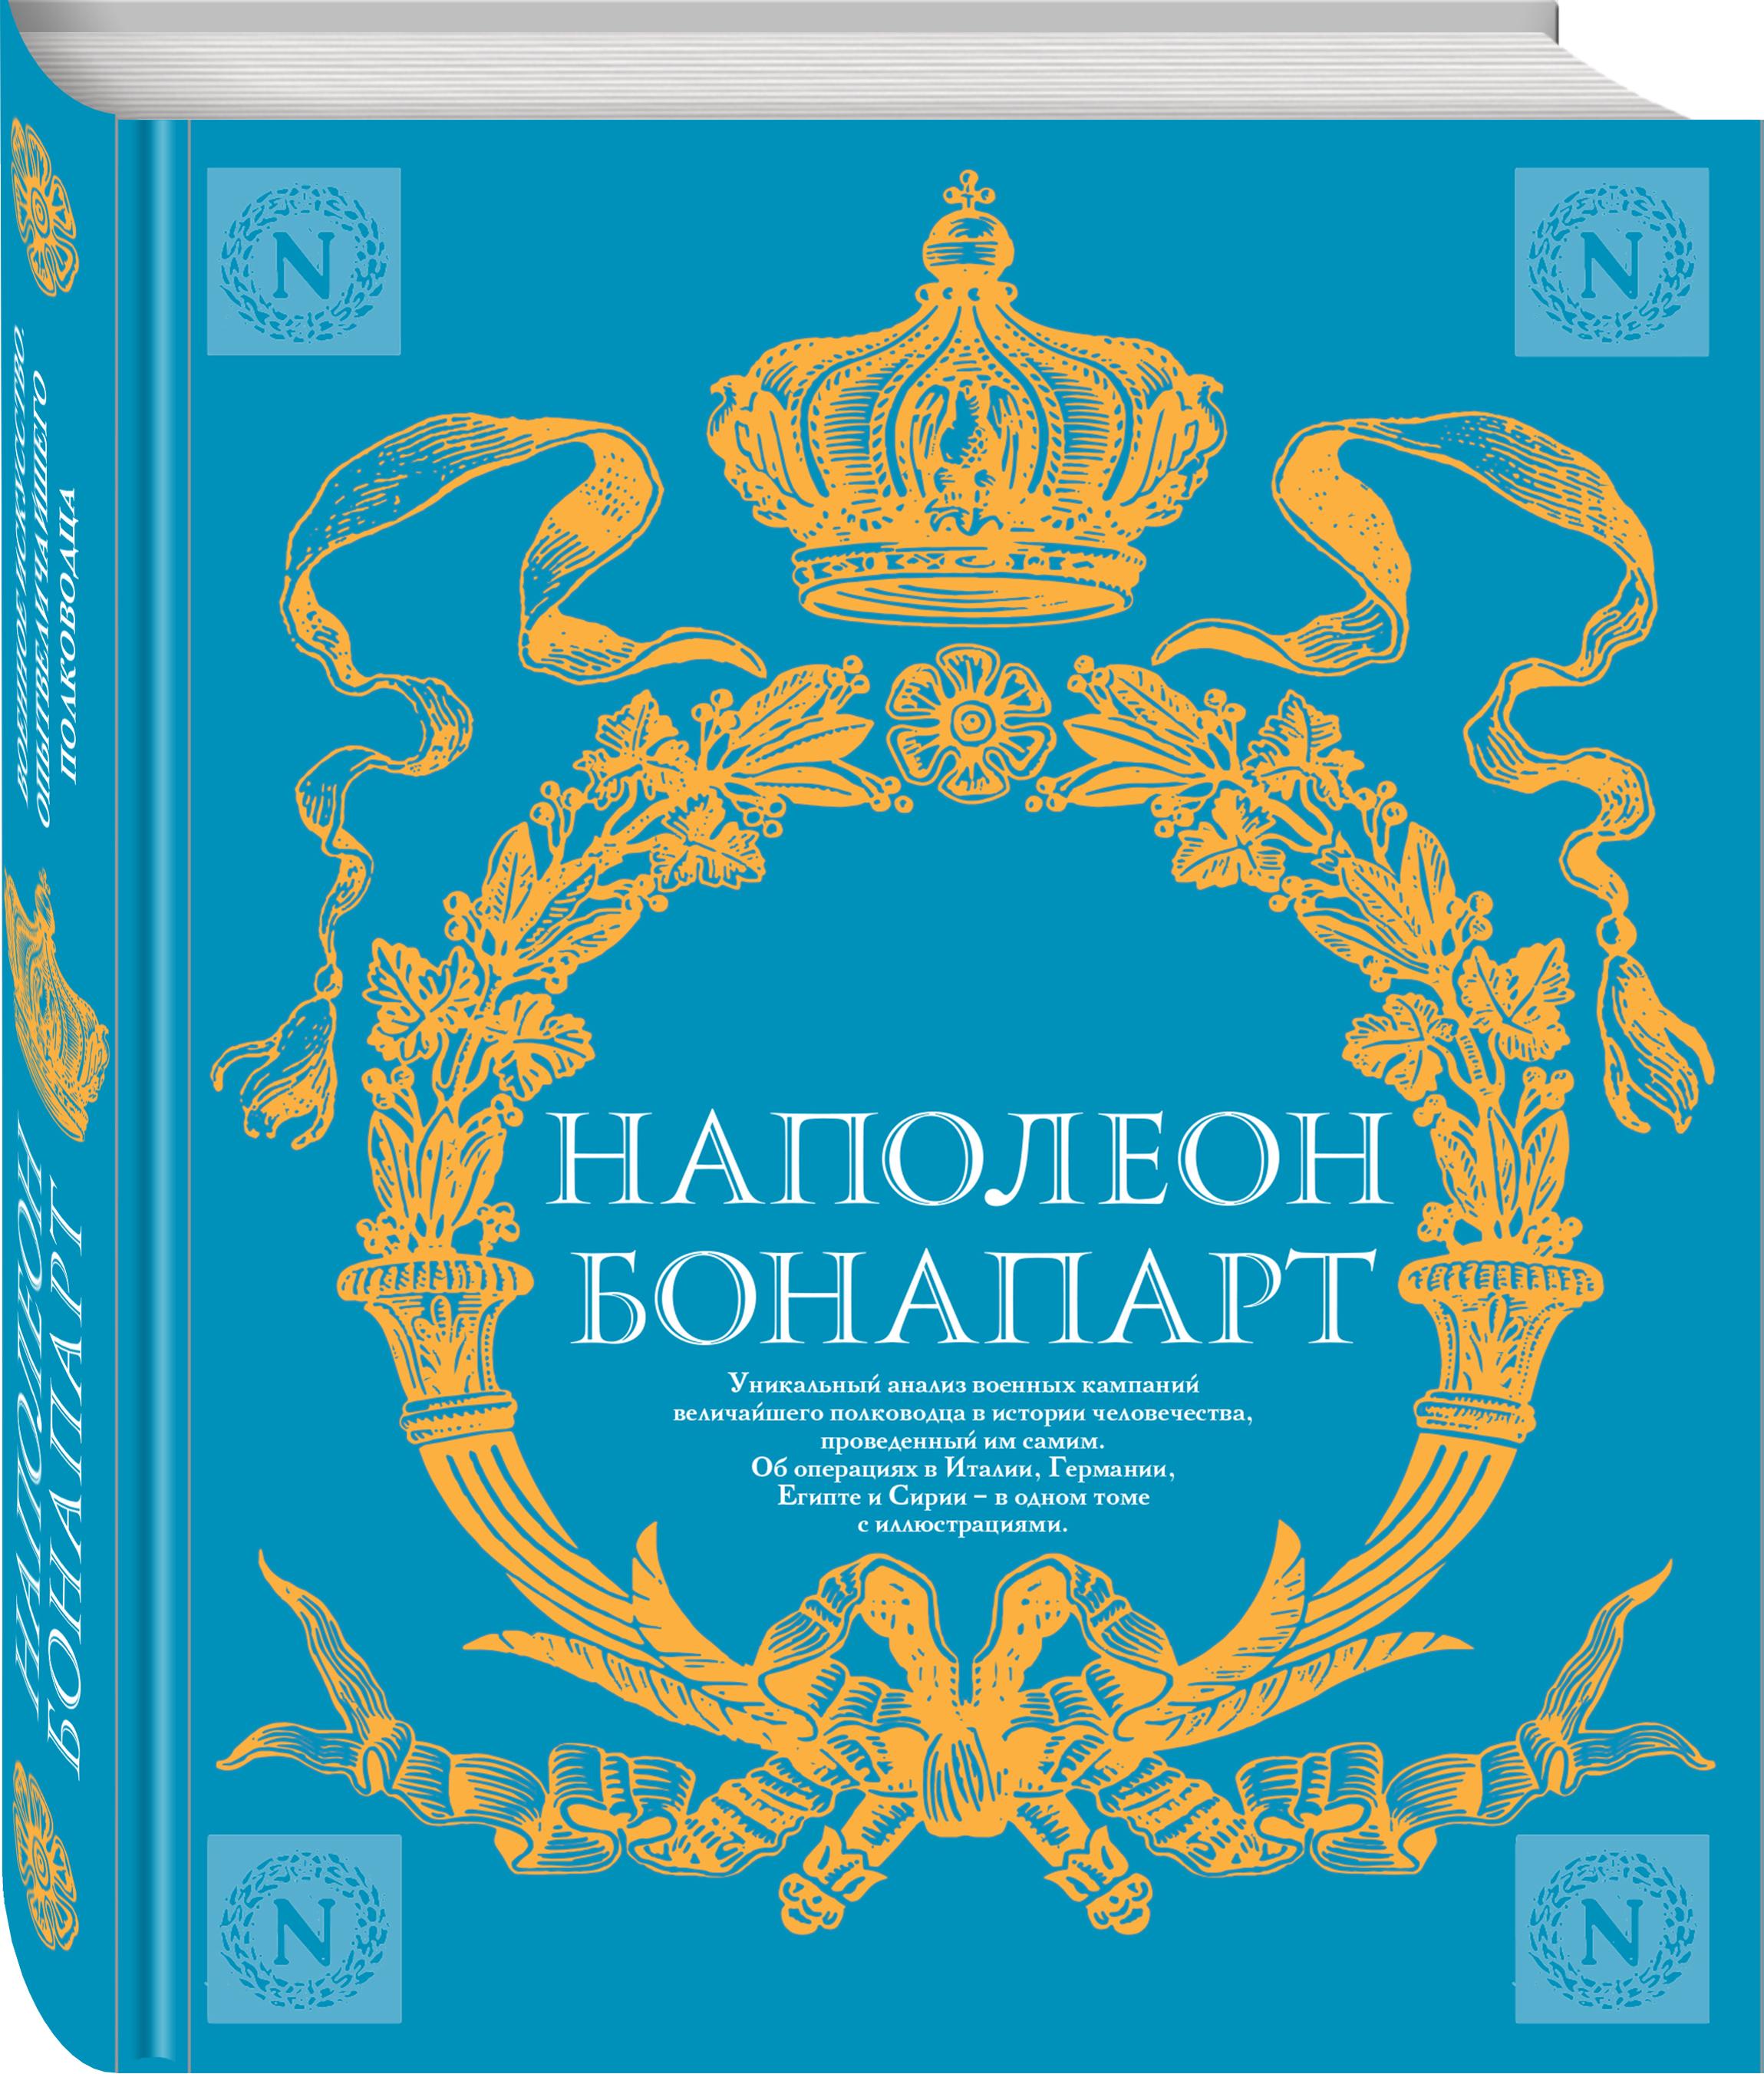 Наполеон Бонапарт Военное искусство. Опыт величайшего полководца борис тененбаум гений войны наполеон трон на штыках